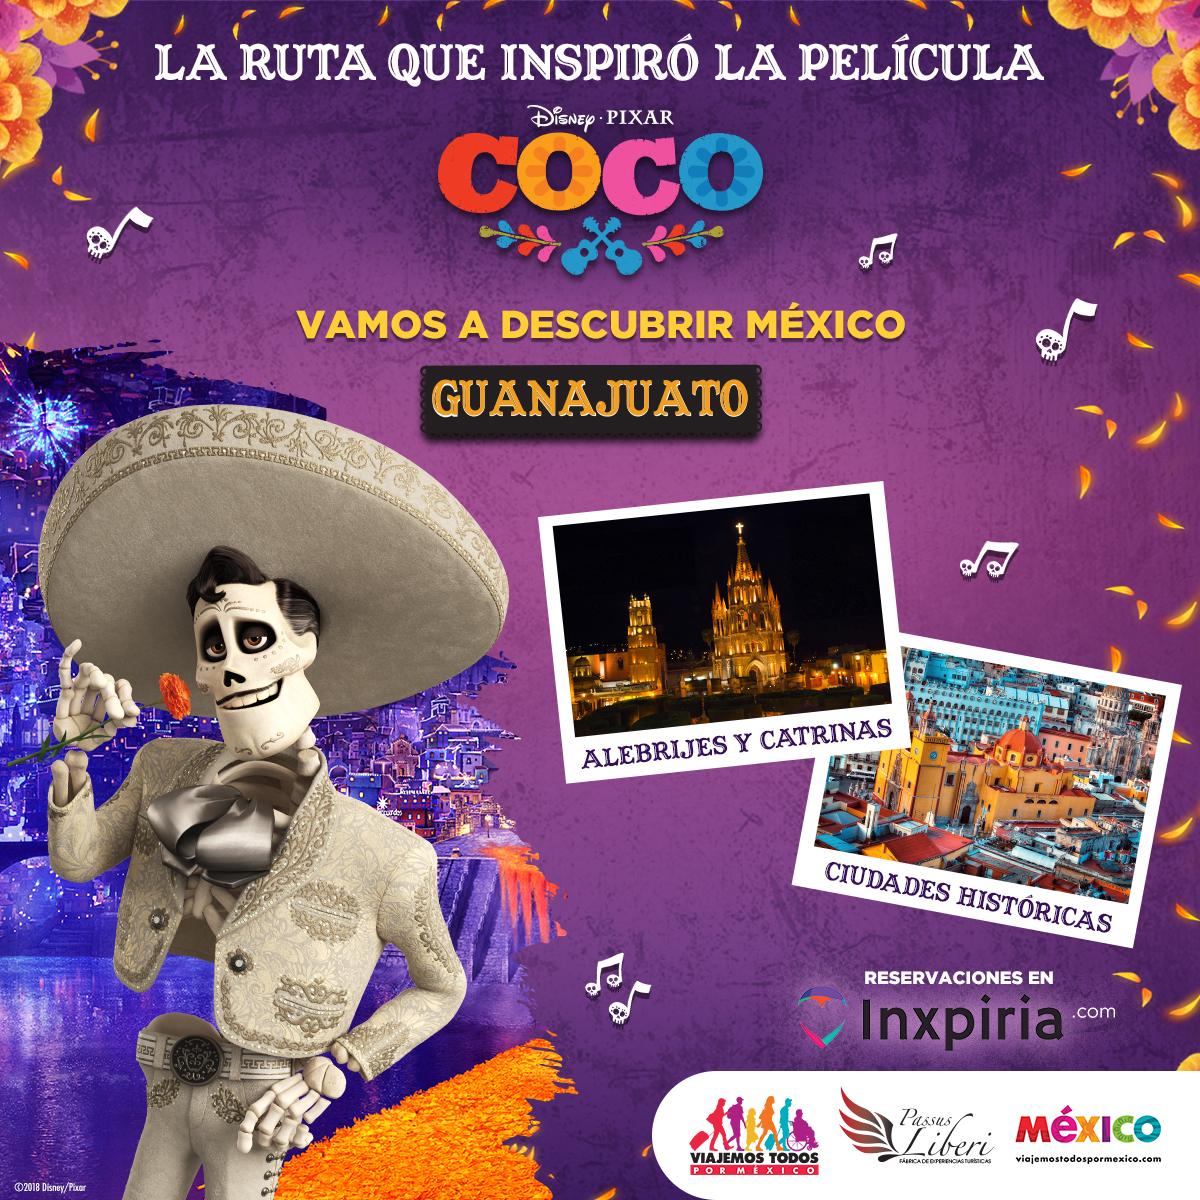 Guanajuato Coco